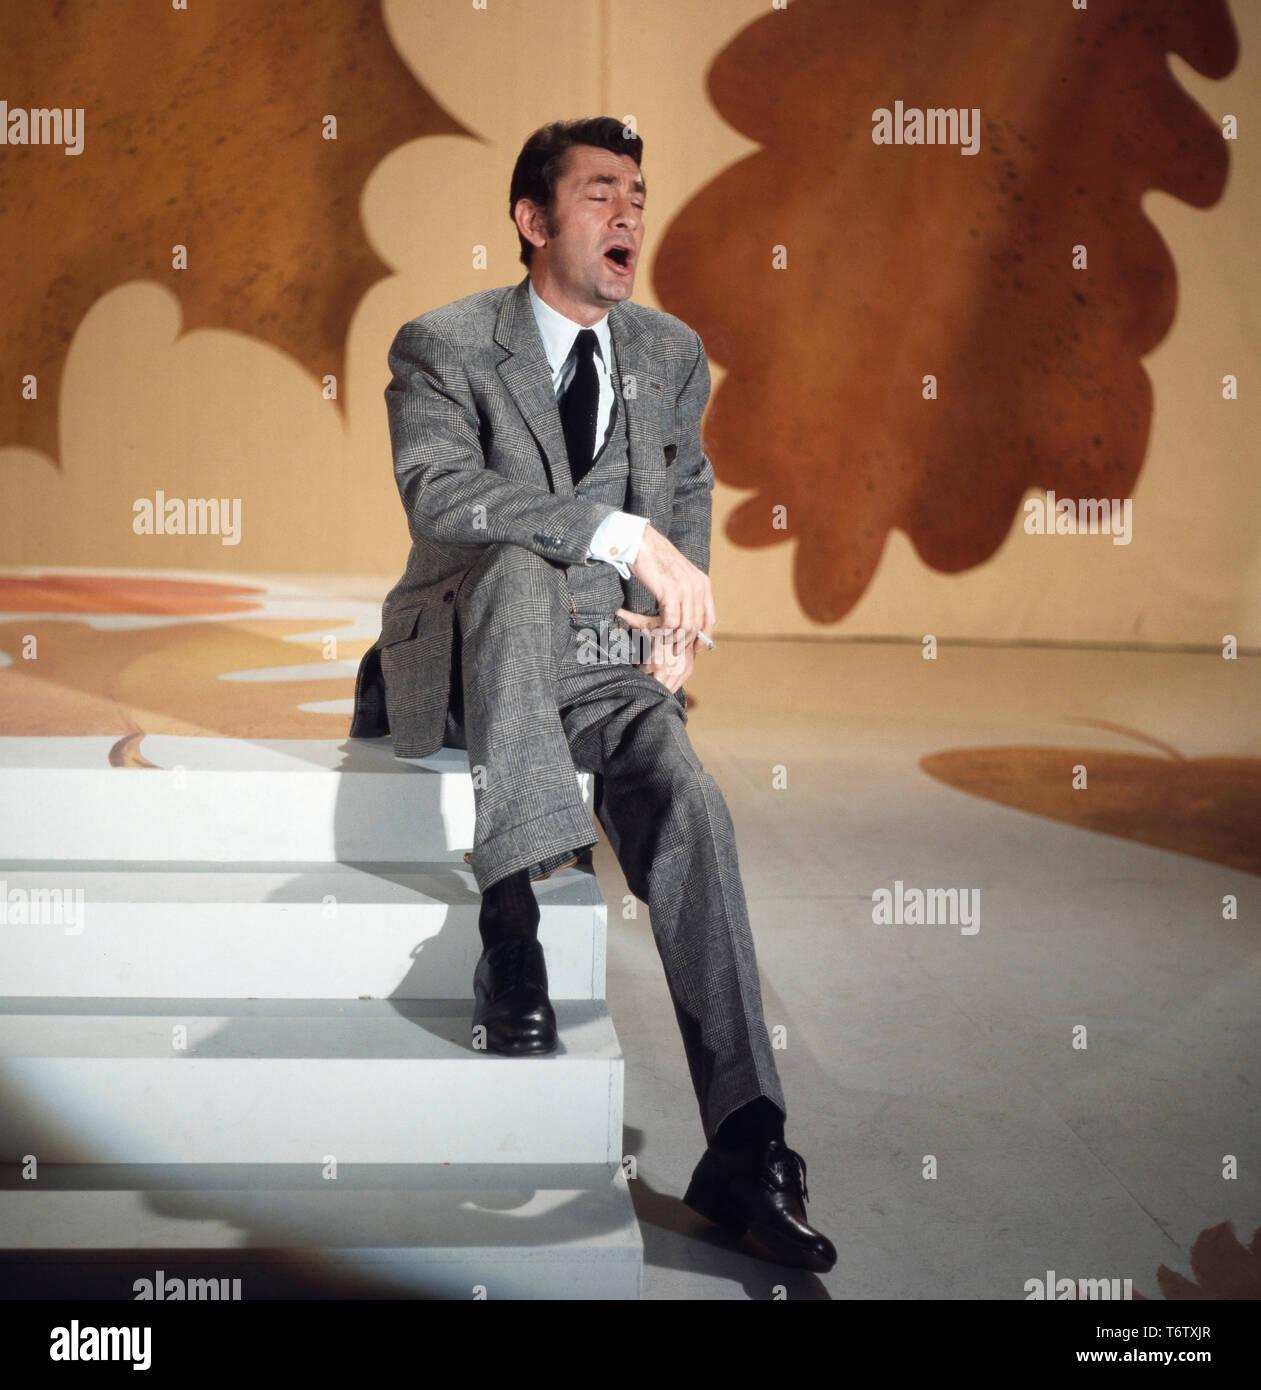 Der französische Modedesigner Schauspieler und Sänger, Jean-Claude Pascal singend auf einer Bühne, Deutschland Ende 1960er. El modisto francés, actor y cantante Jean-Claude Pascal cantando en un escenario, Alemania 1960. Foto de stock